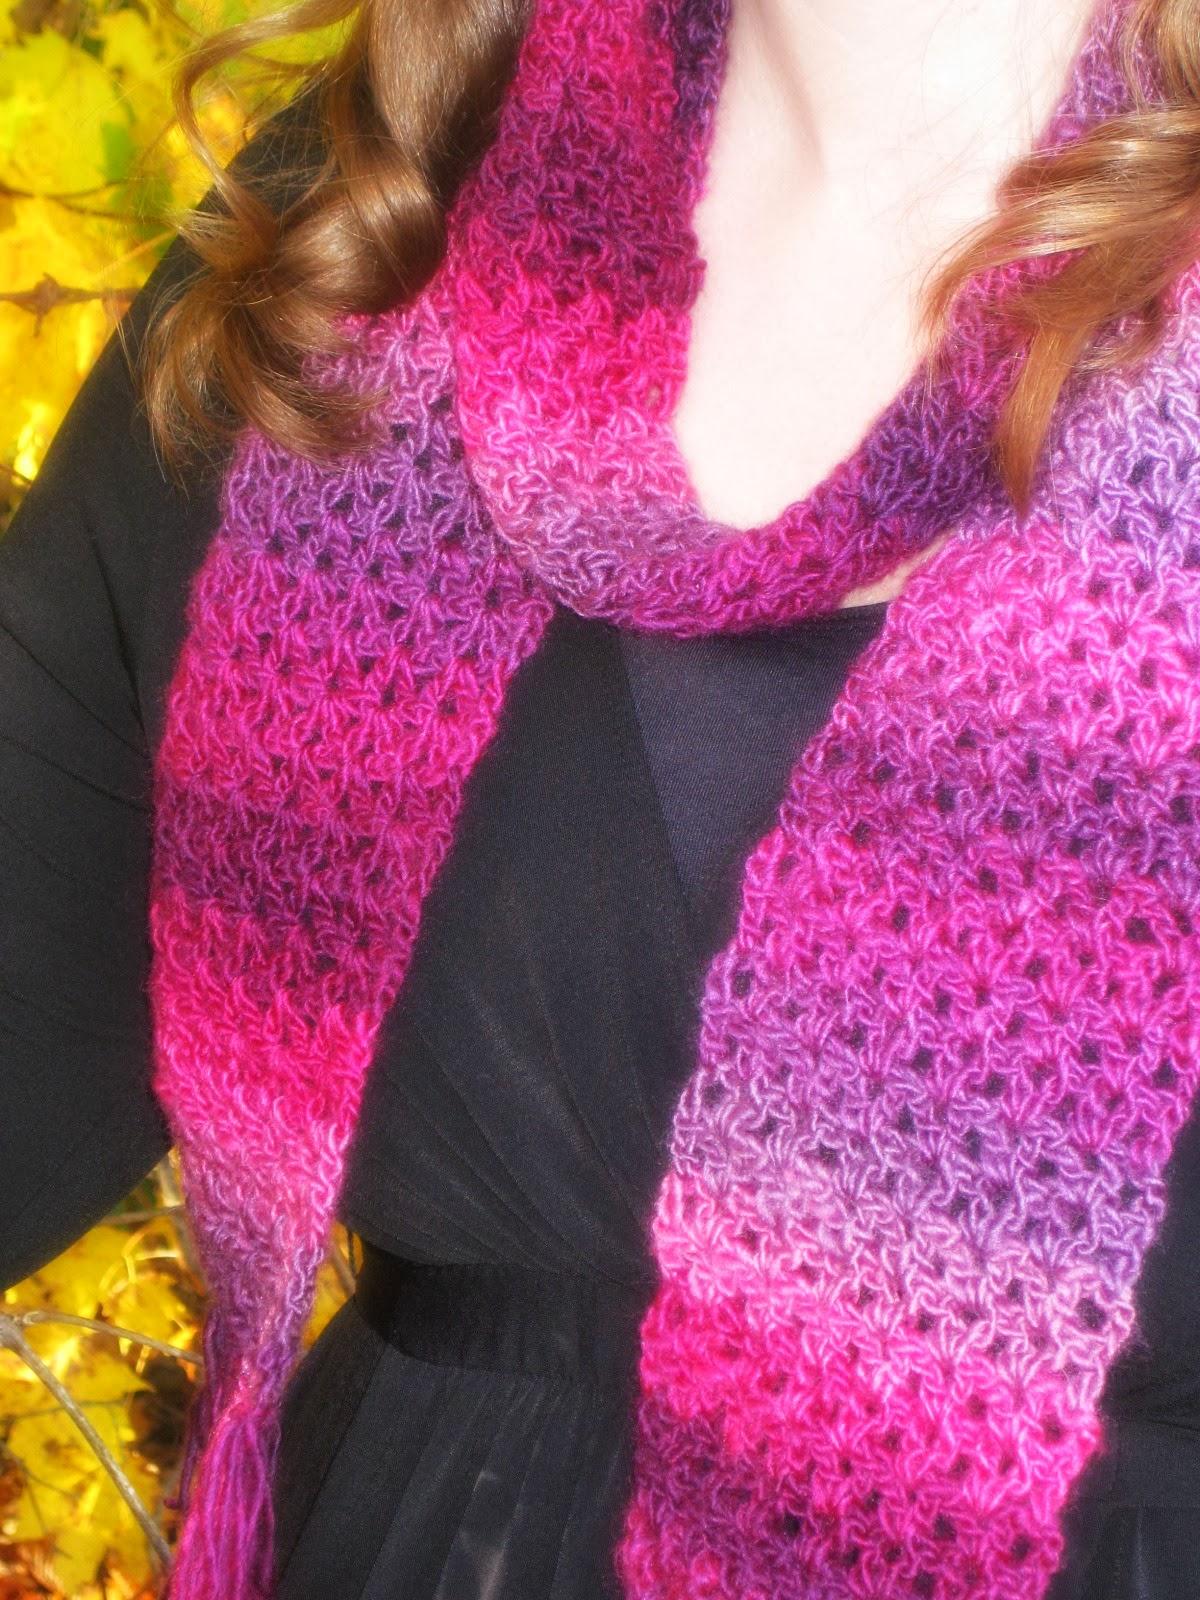 Unforgettable One-Skein Scarf - Free Crochet Pattern ...